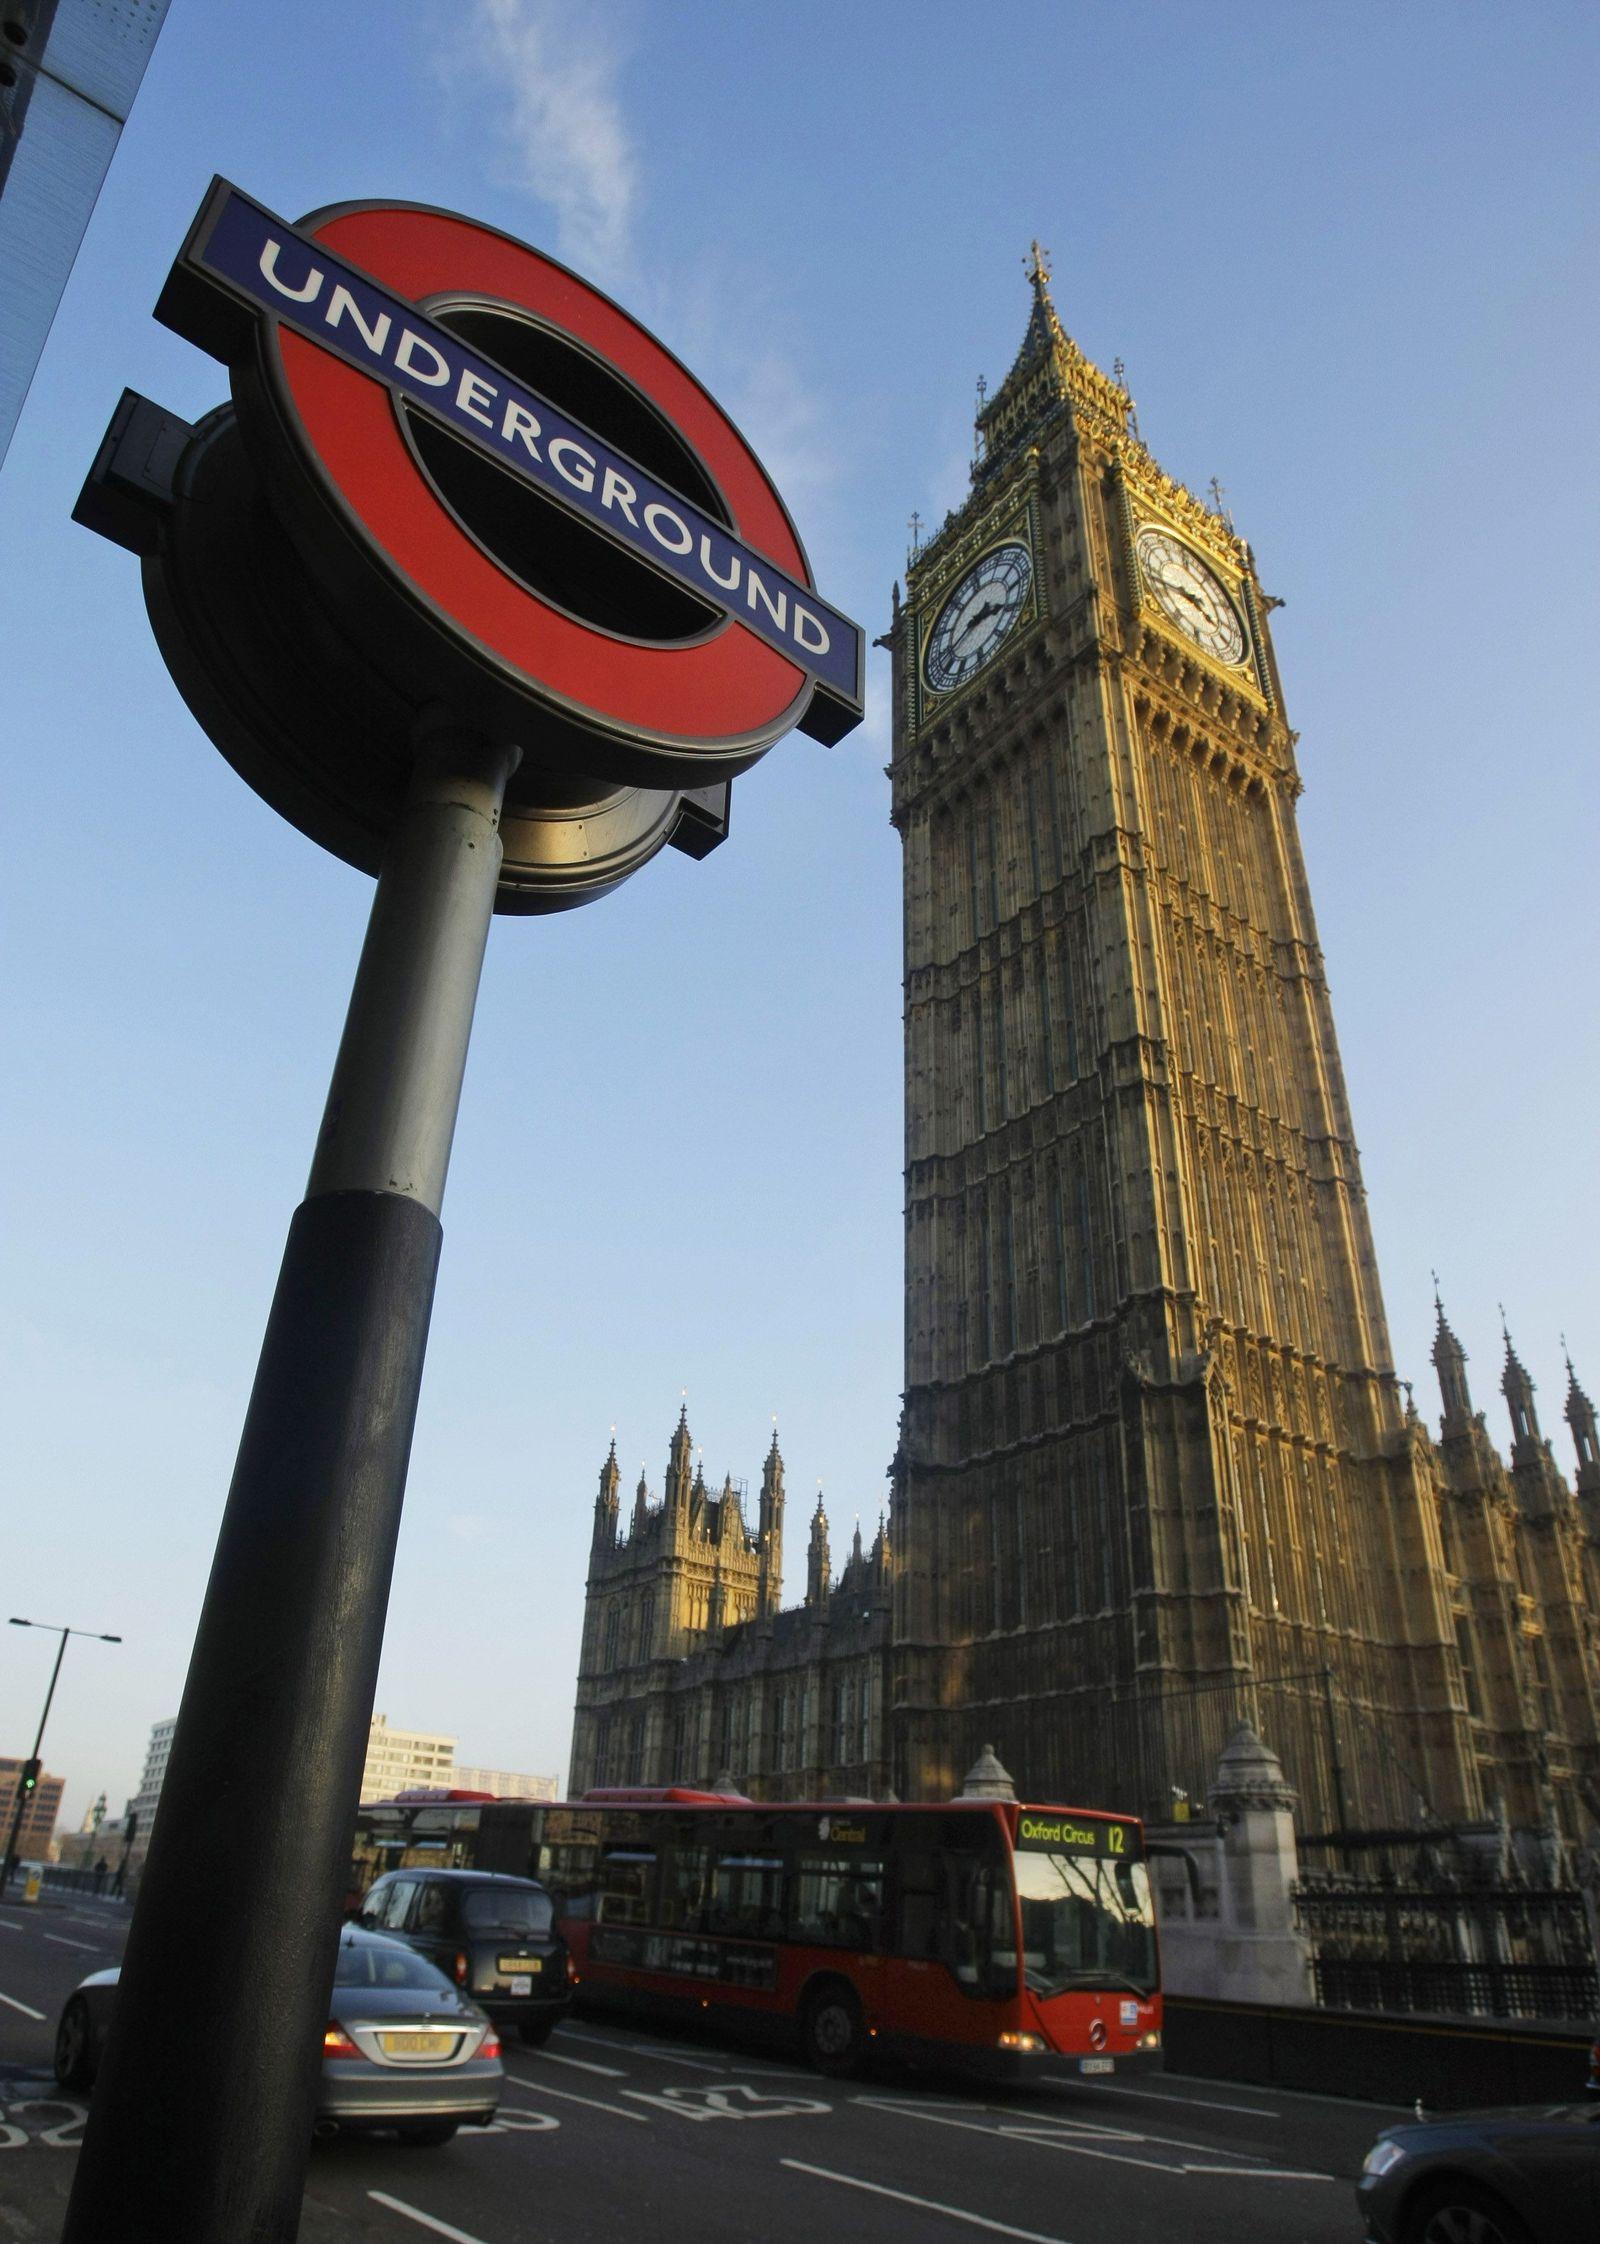 Tube / London / Westminster